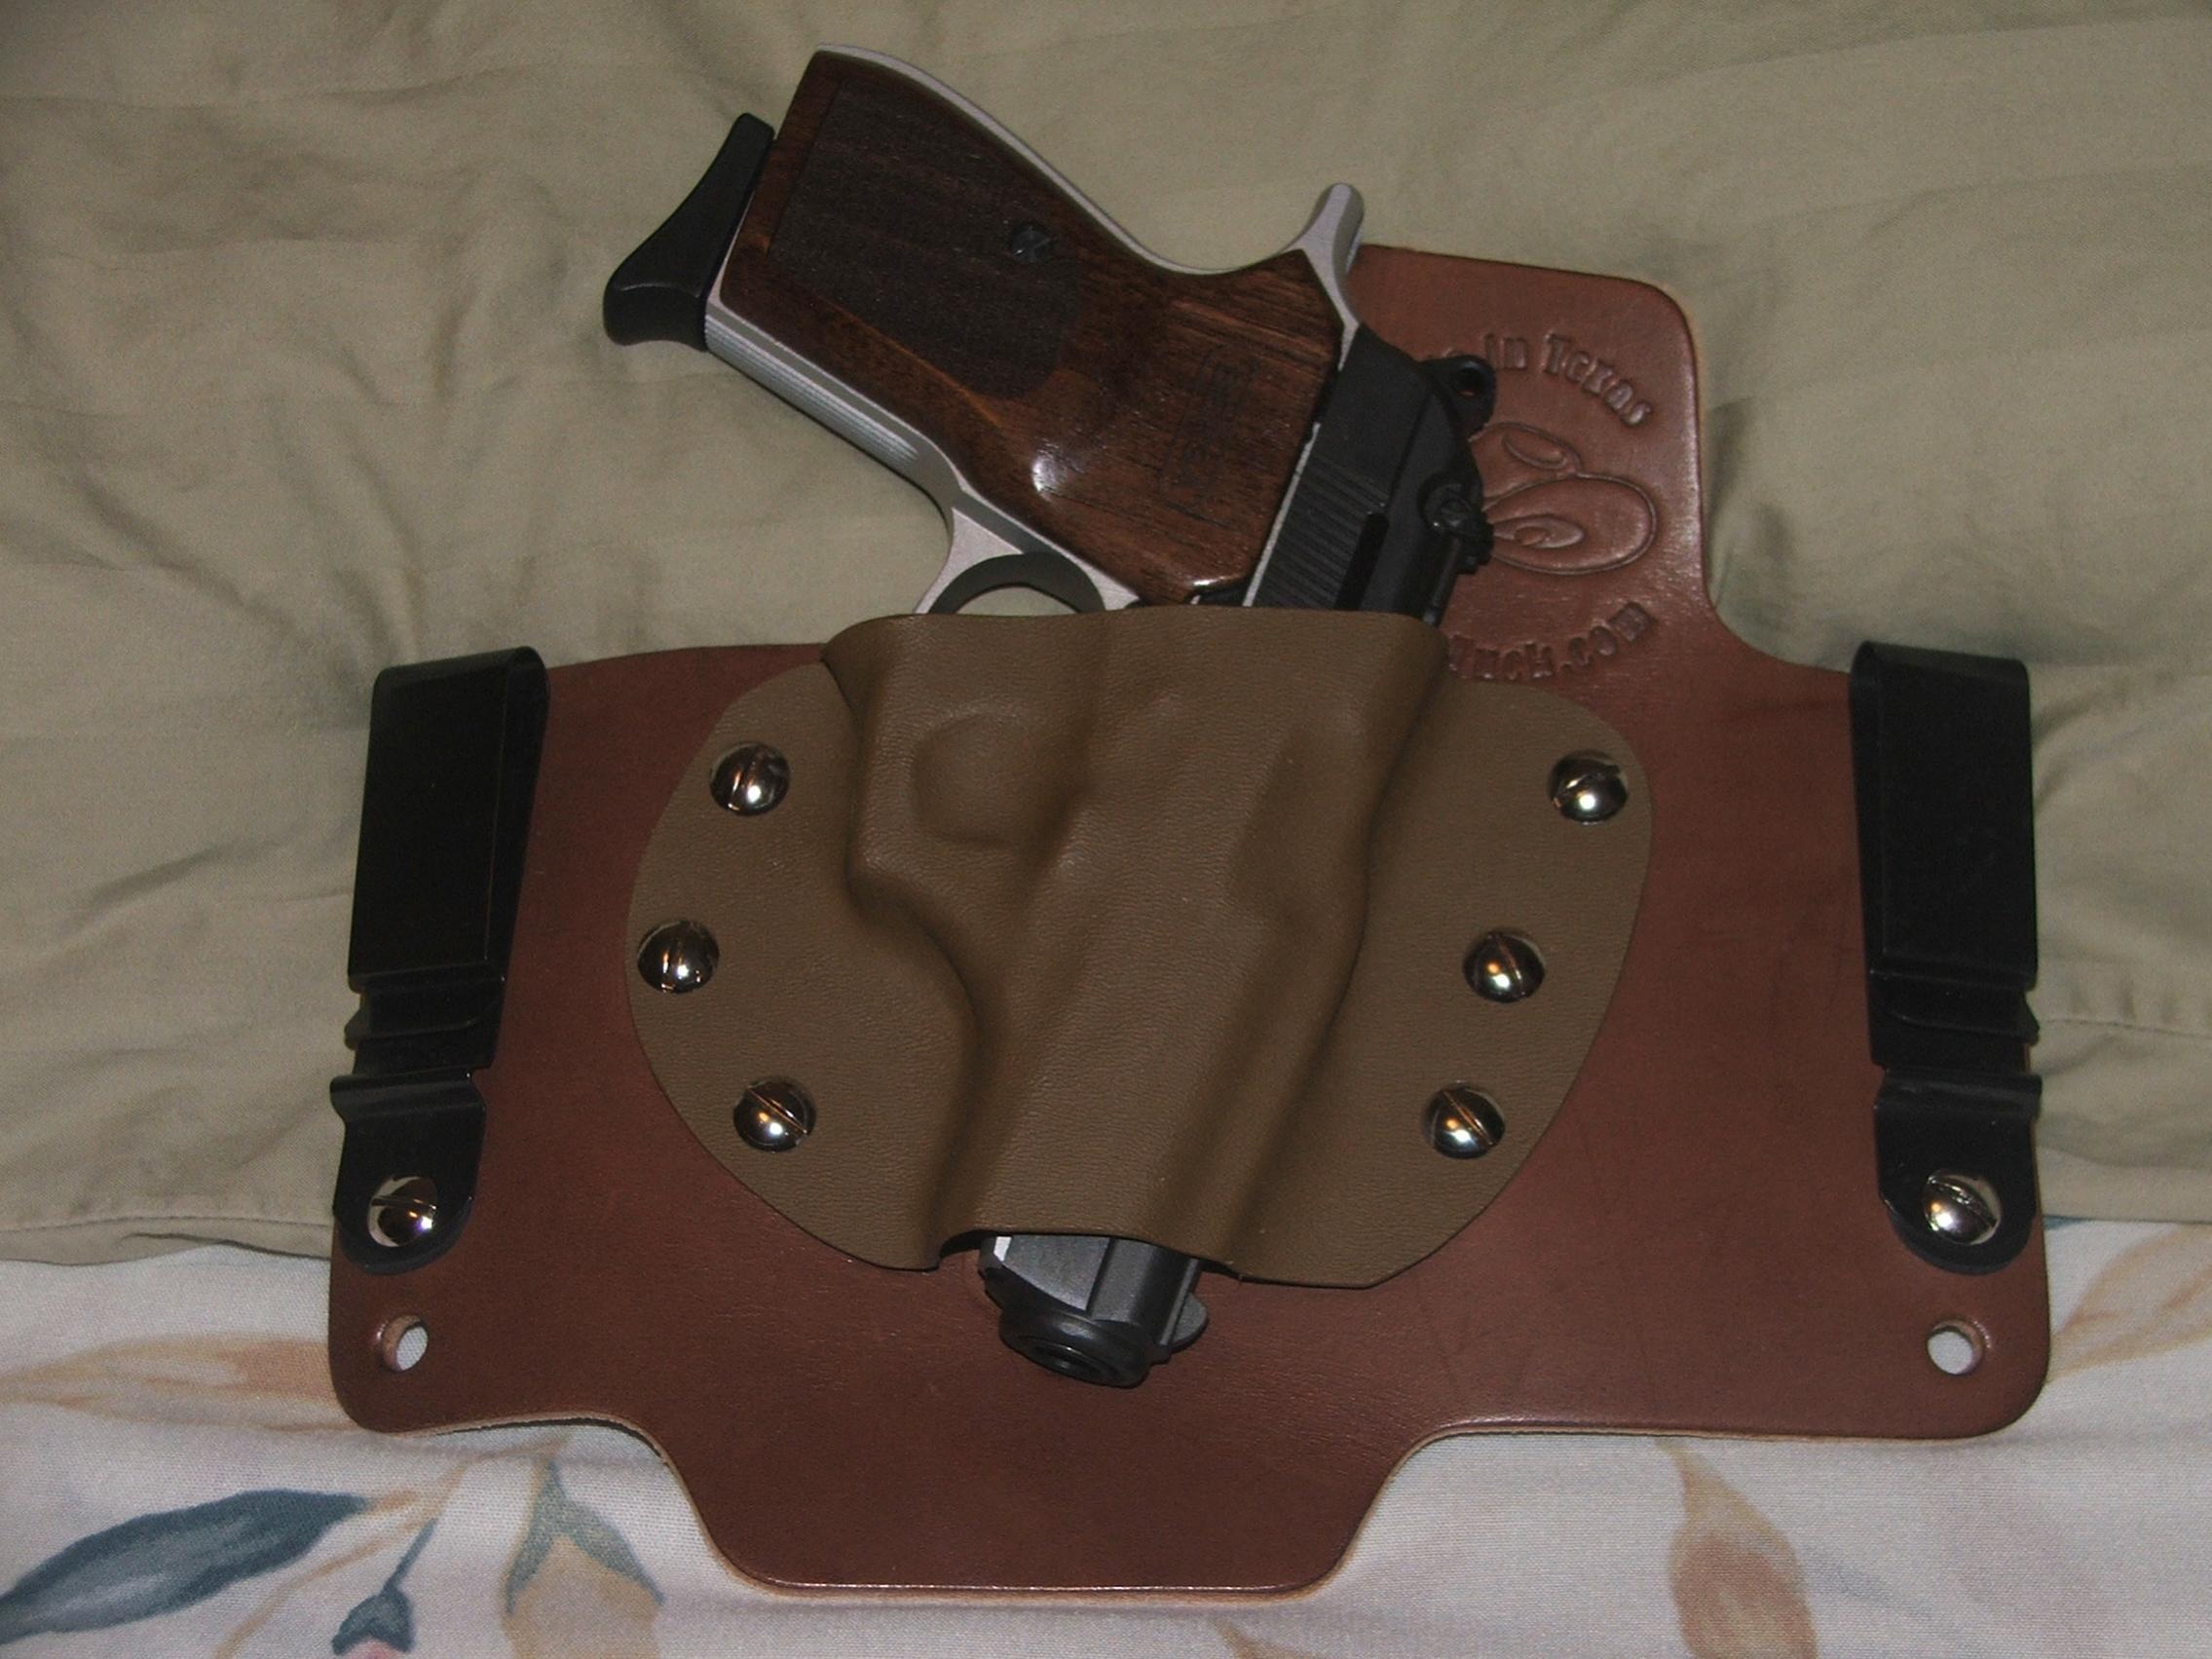 New custom holster by White Hat Hoslters in Texas-dscf1635.jpg